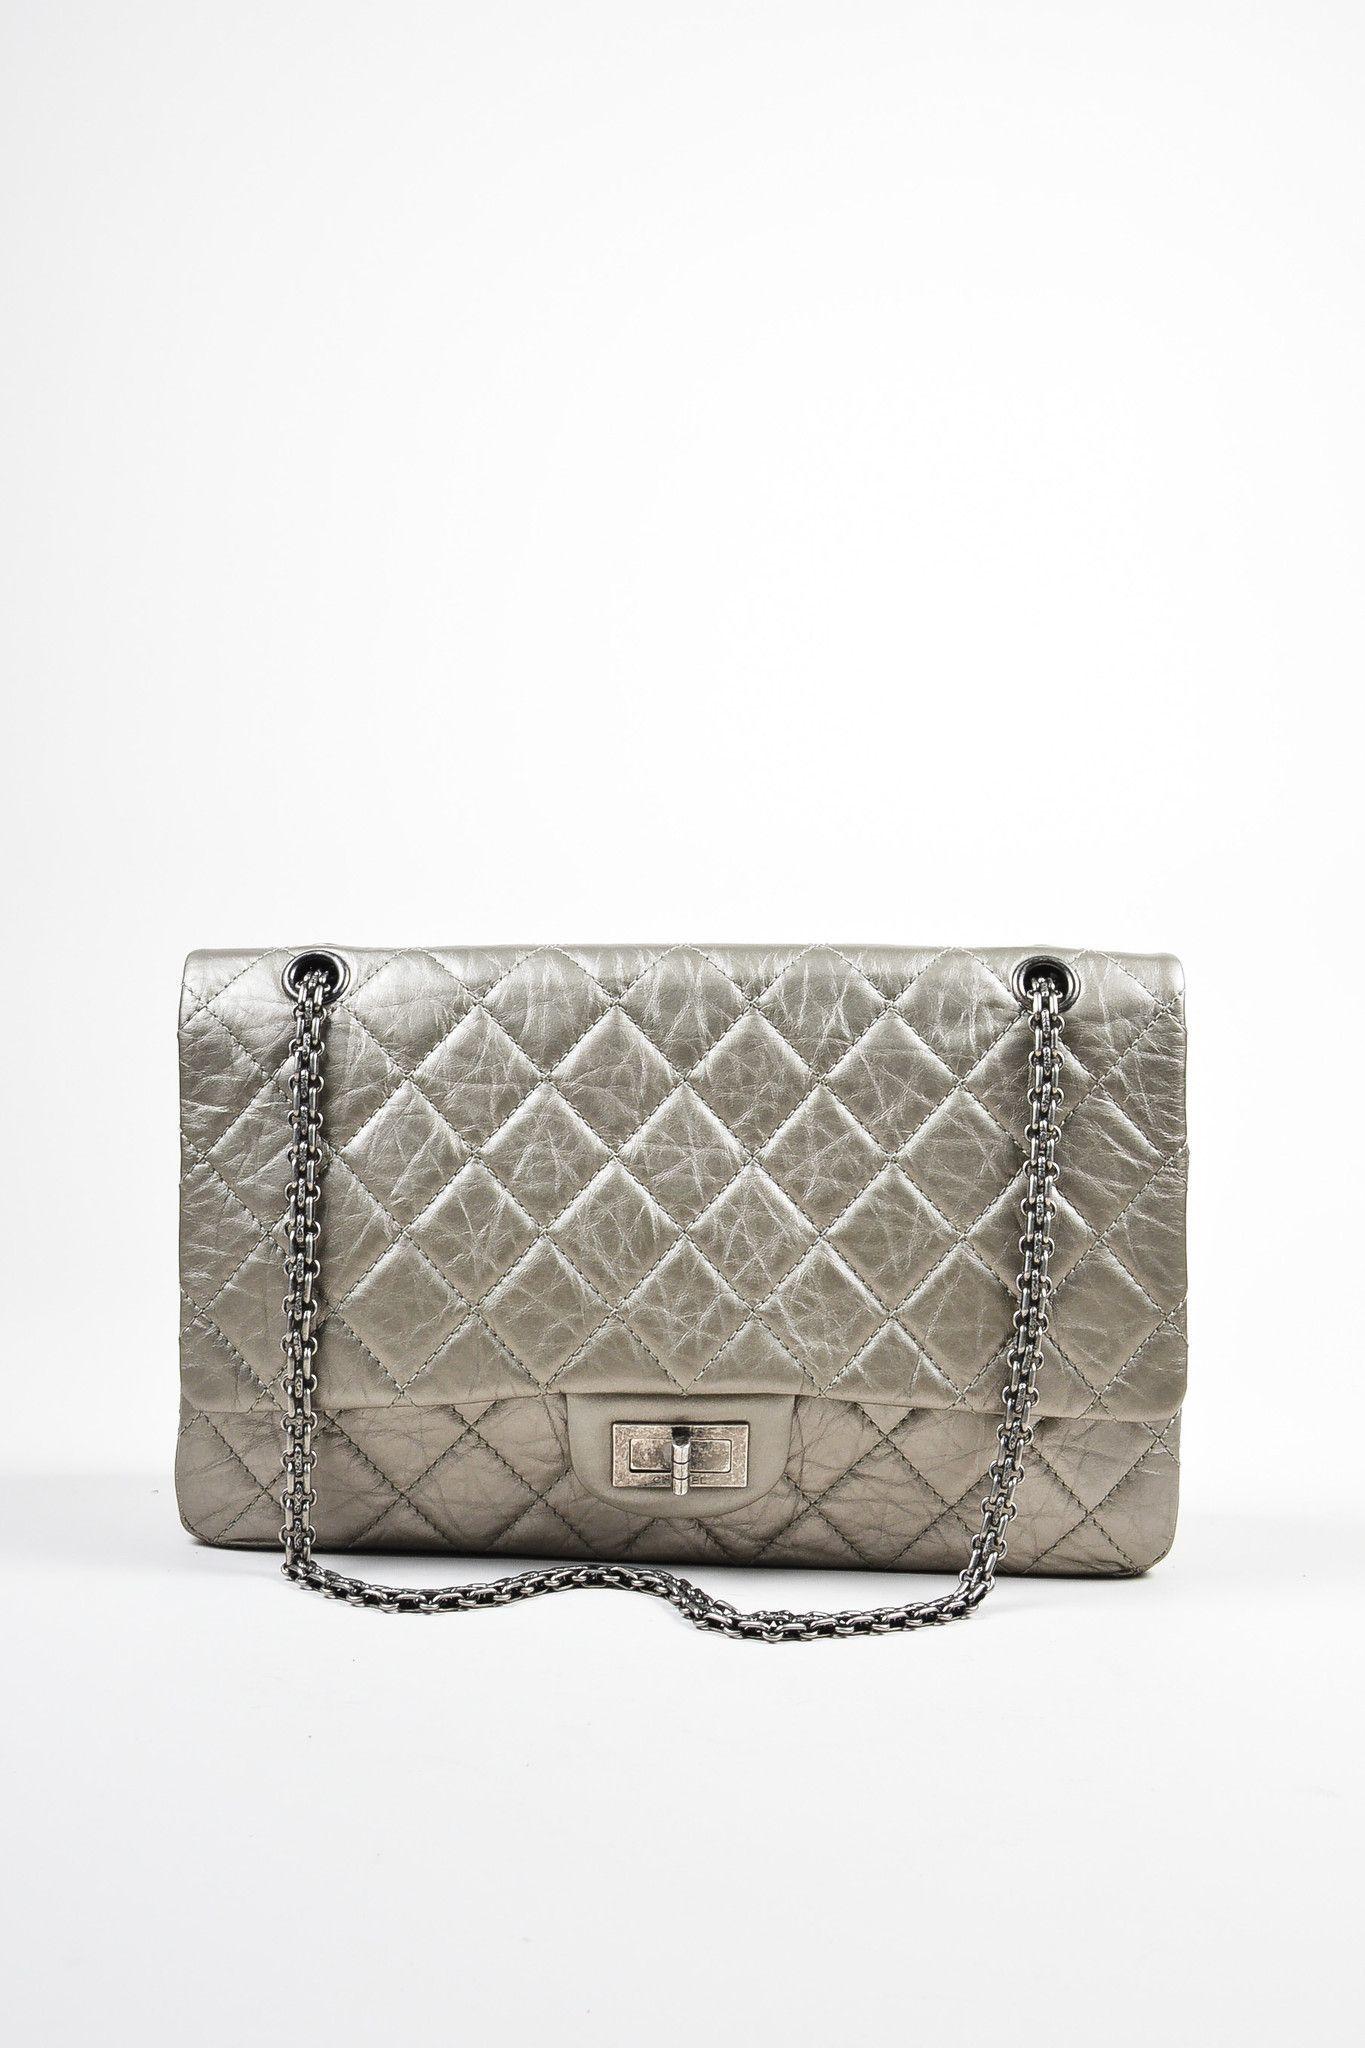 ef9faaae7de31d Metallic Silver Leather Chanel